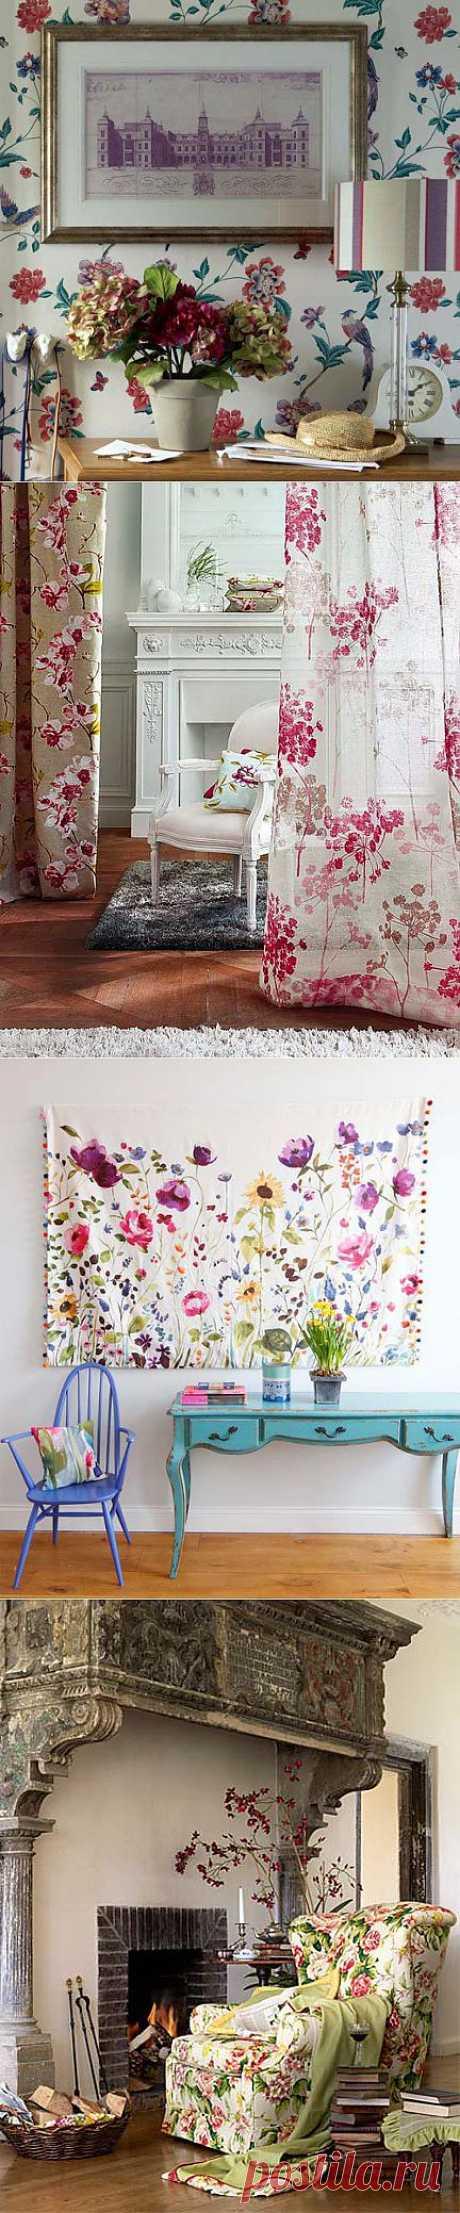 (+1) - Цветочные мотивы в интерьере | Интерьер и Дизайн